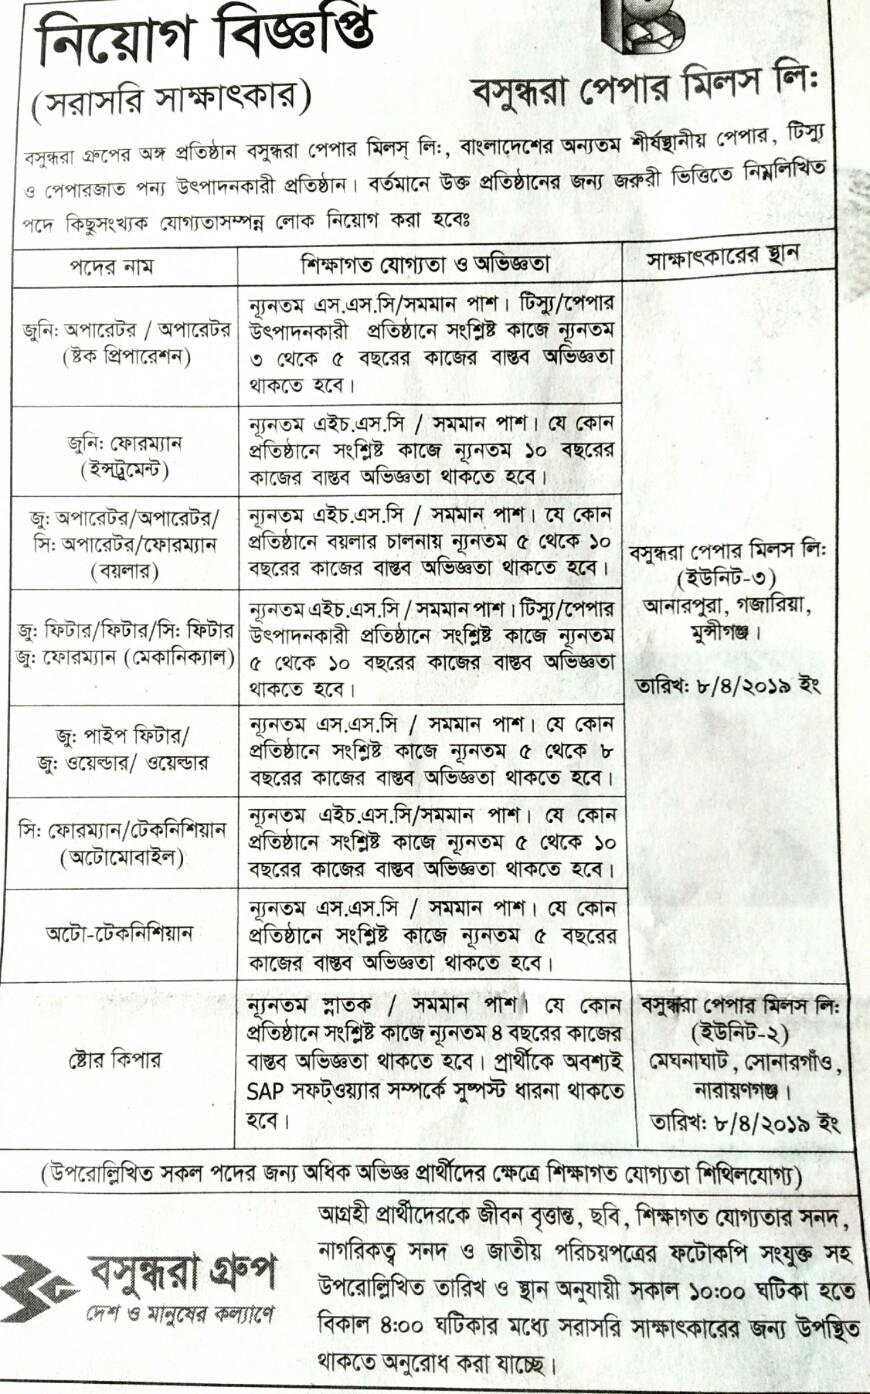 Bashundhara Paper Mills Ltd. Job circular 2019 বসুন্ধরা পেপার মিলস লিঃ নিয়োগ বিজ্ঞপ্তি ২০১৯